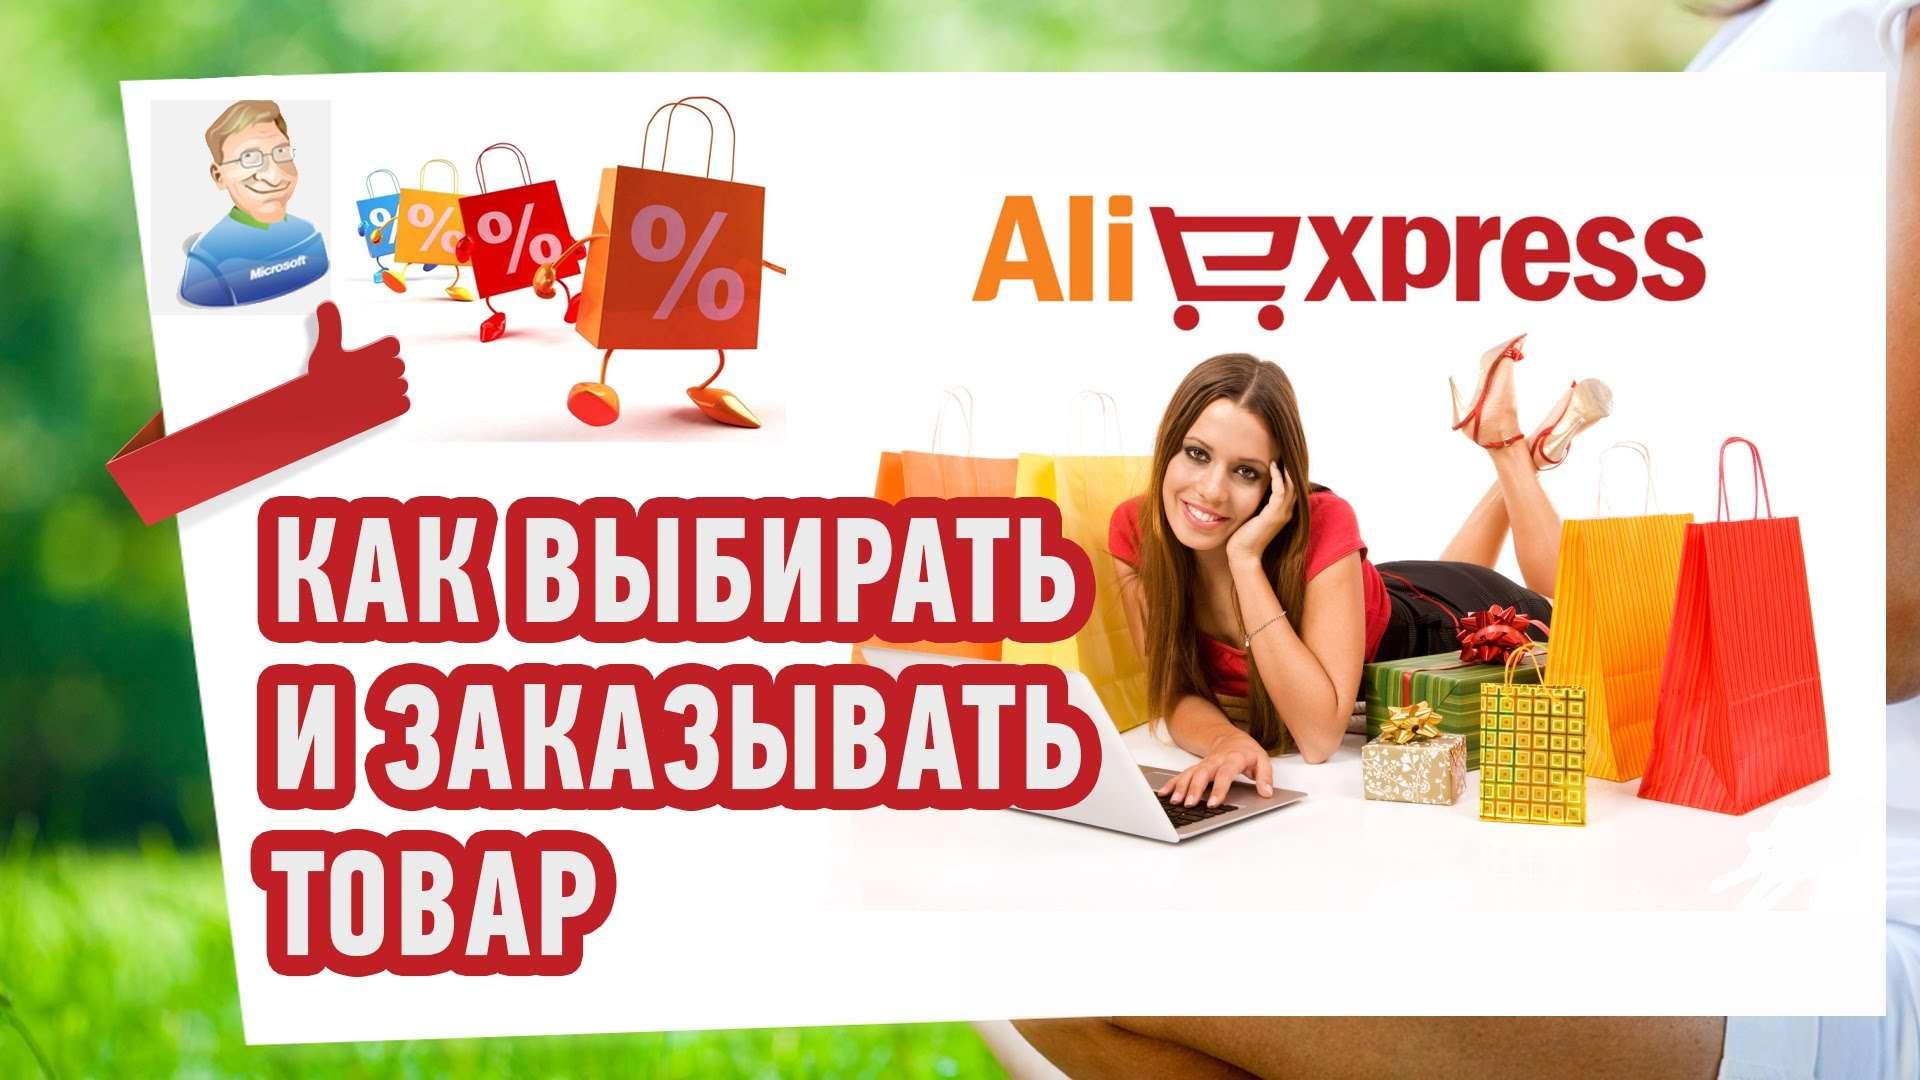 Как сделать заказ на AliExpress?